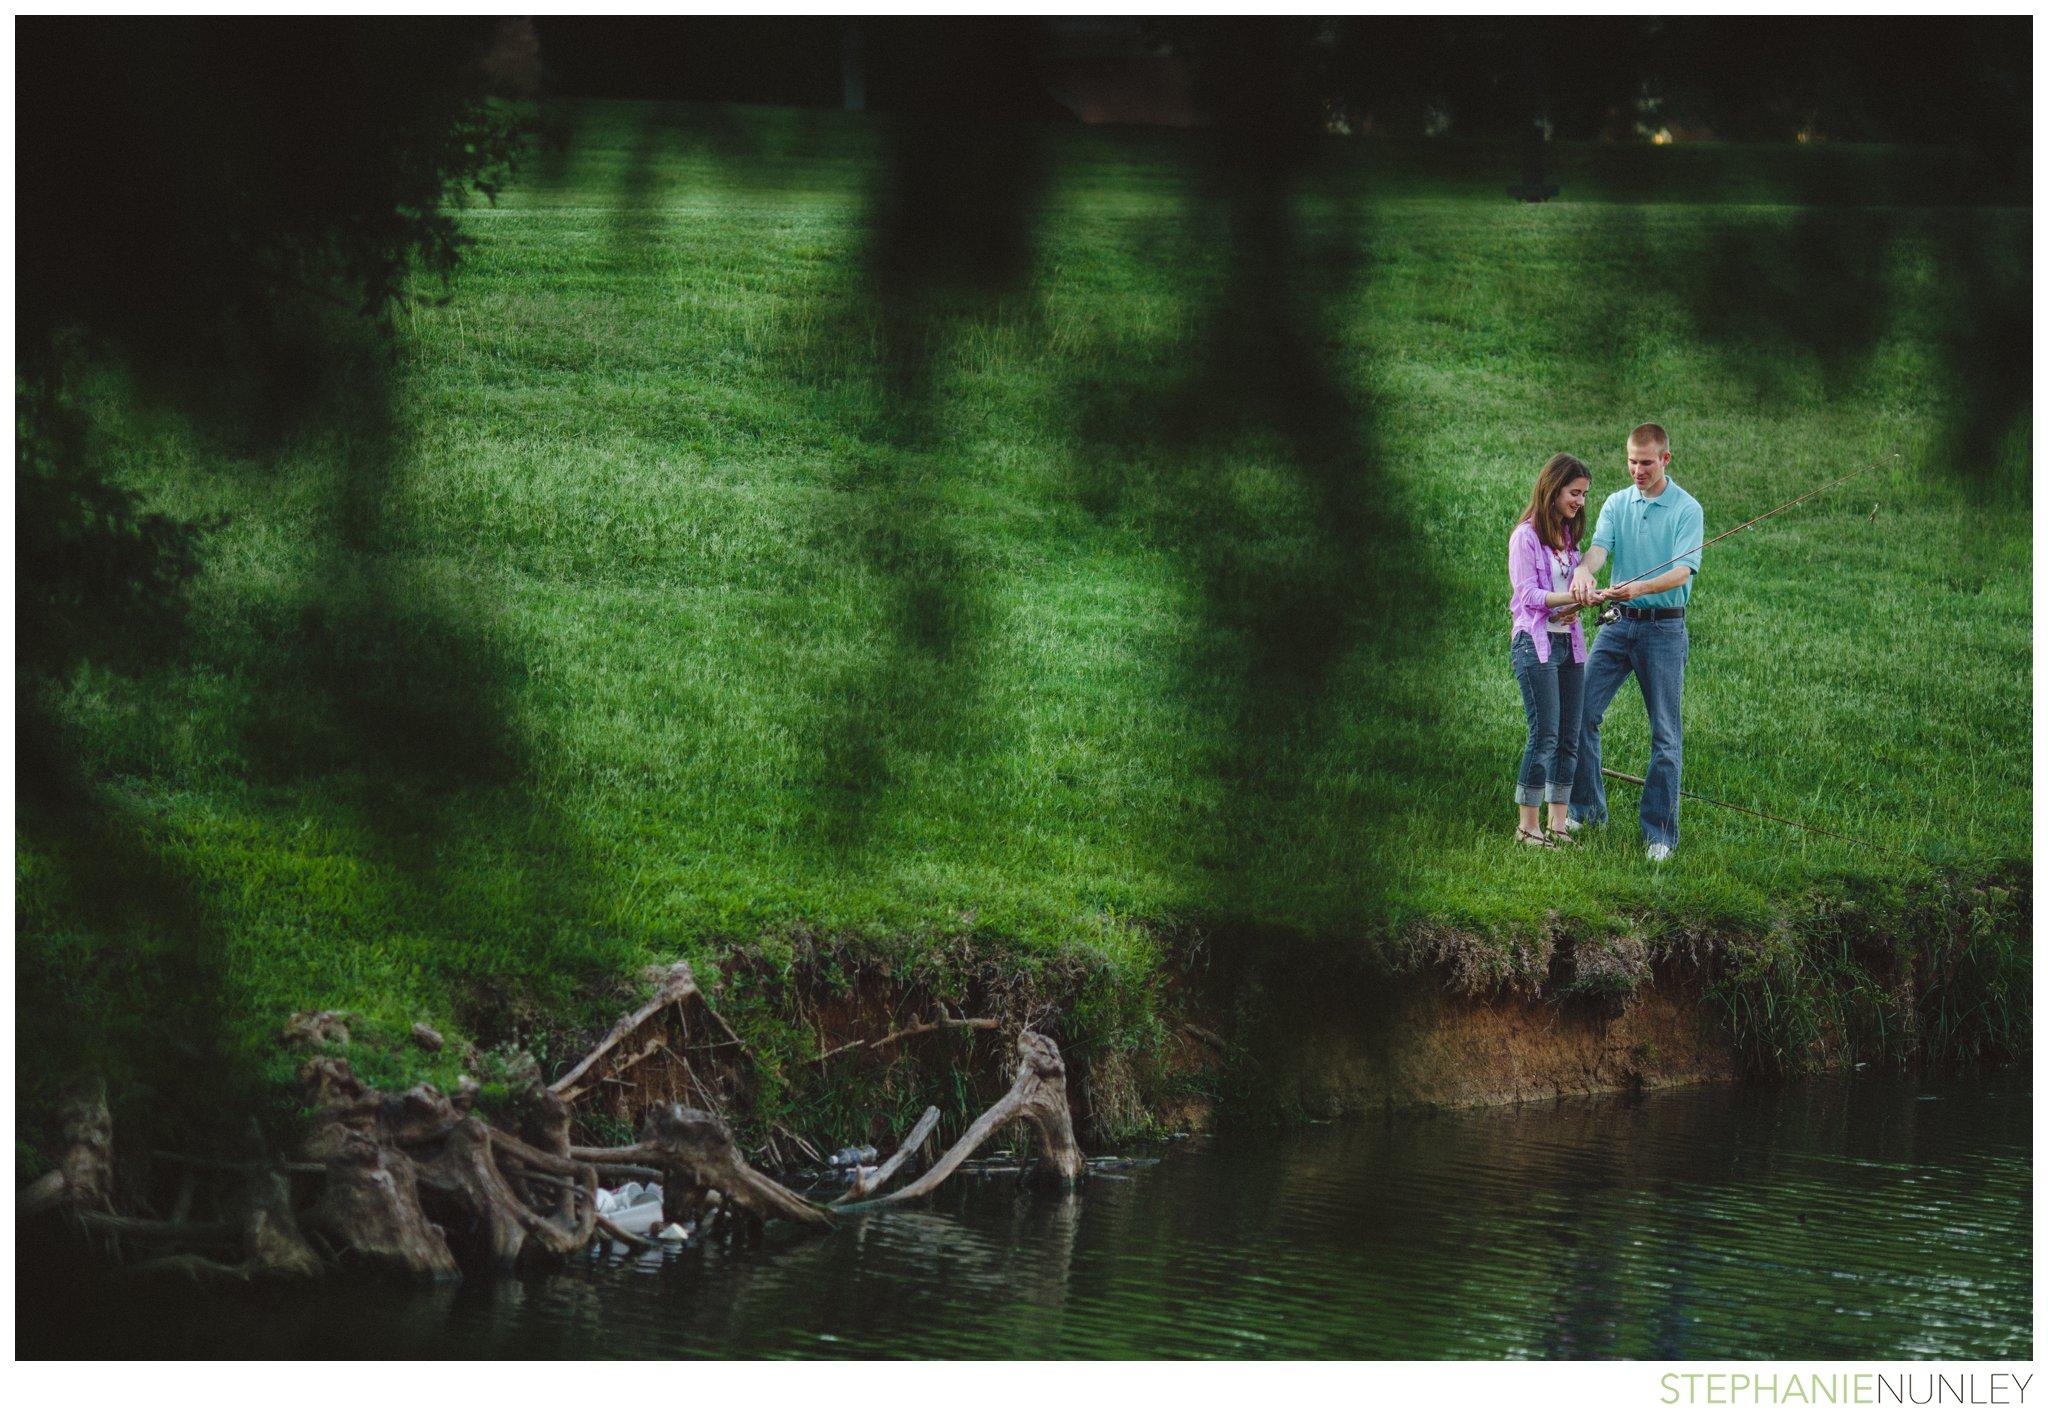 baylor-university-engagement-photography-020